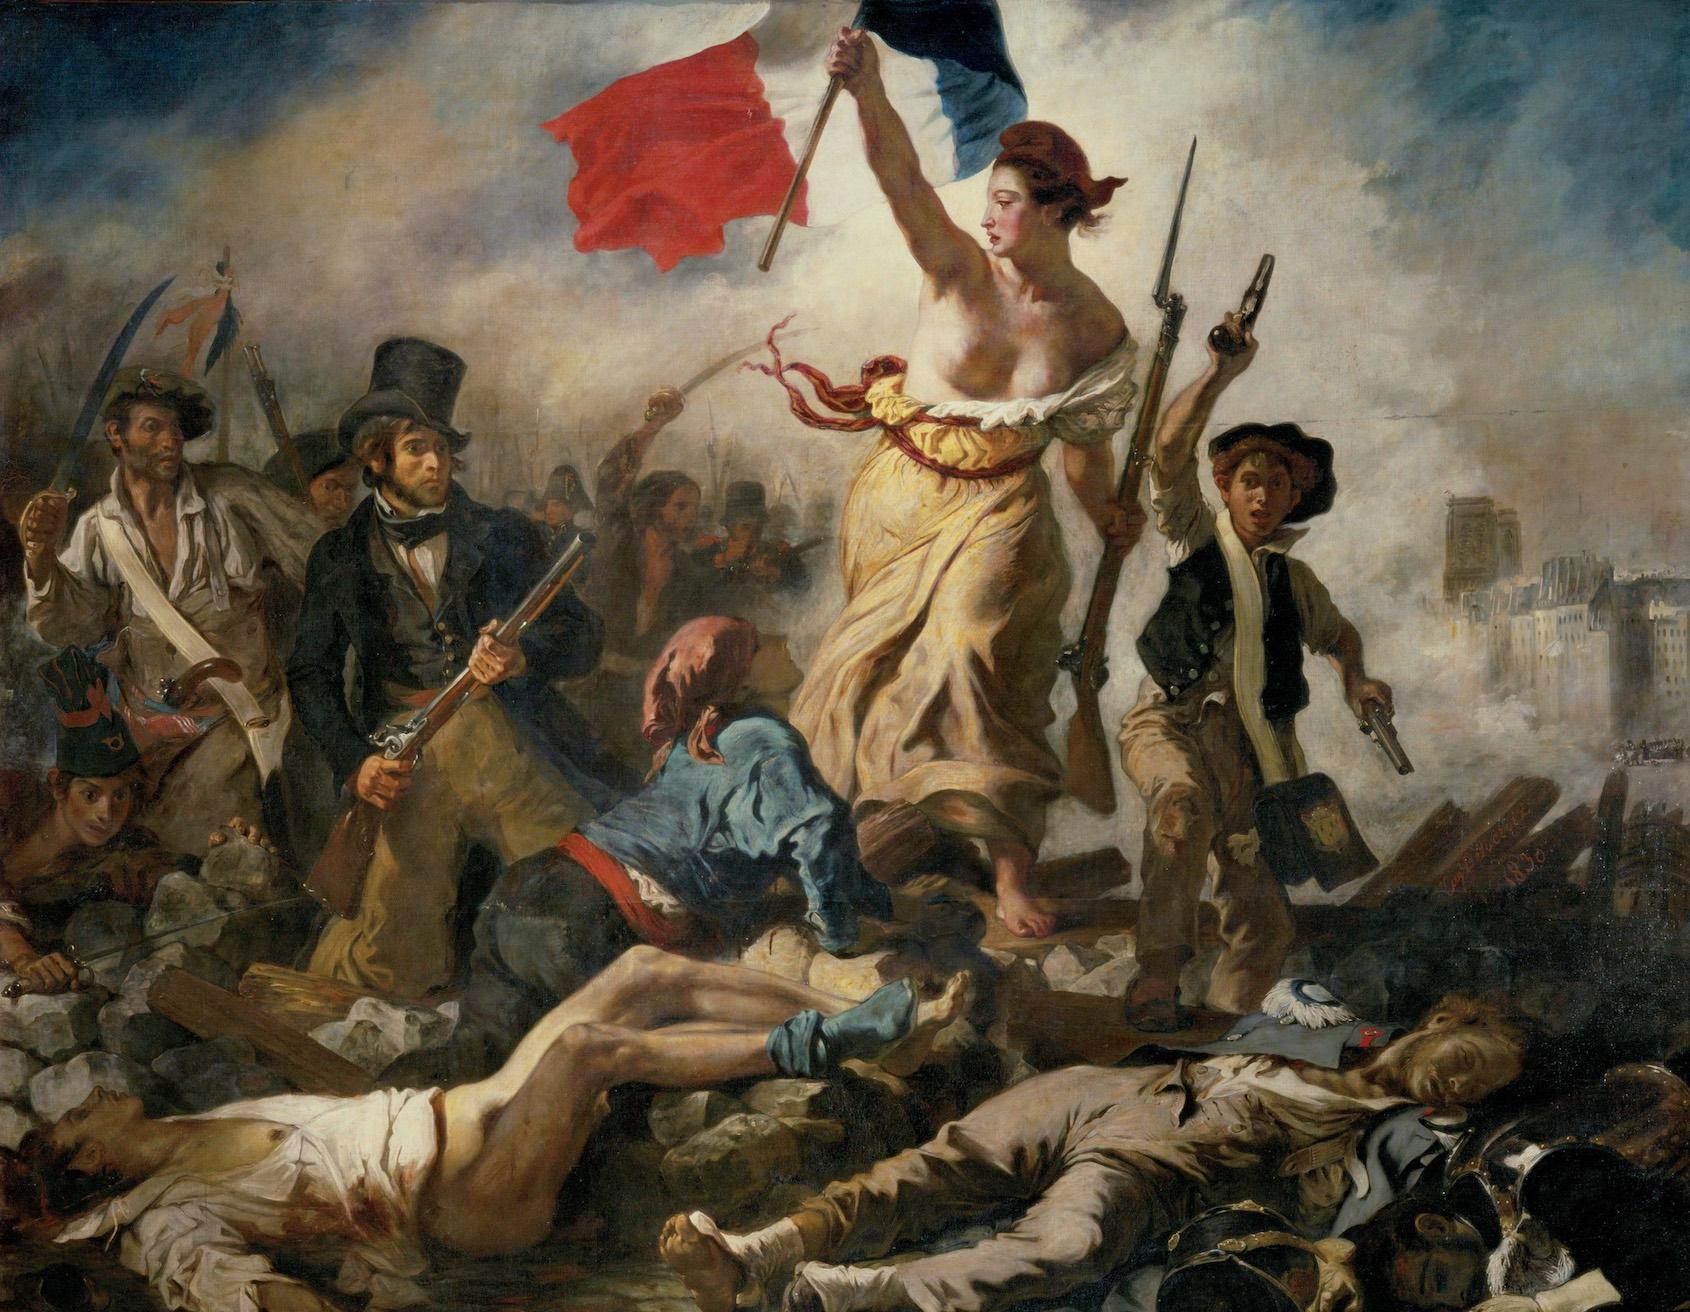 Delacroix, Louvre, Le 28 juillet 1830. La Liberté guidant le peuple, La libertà guida il popolo